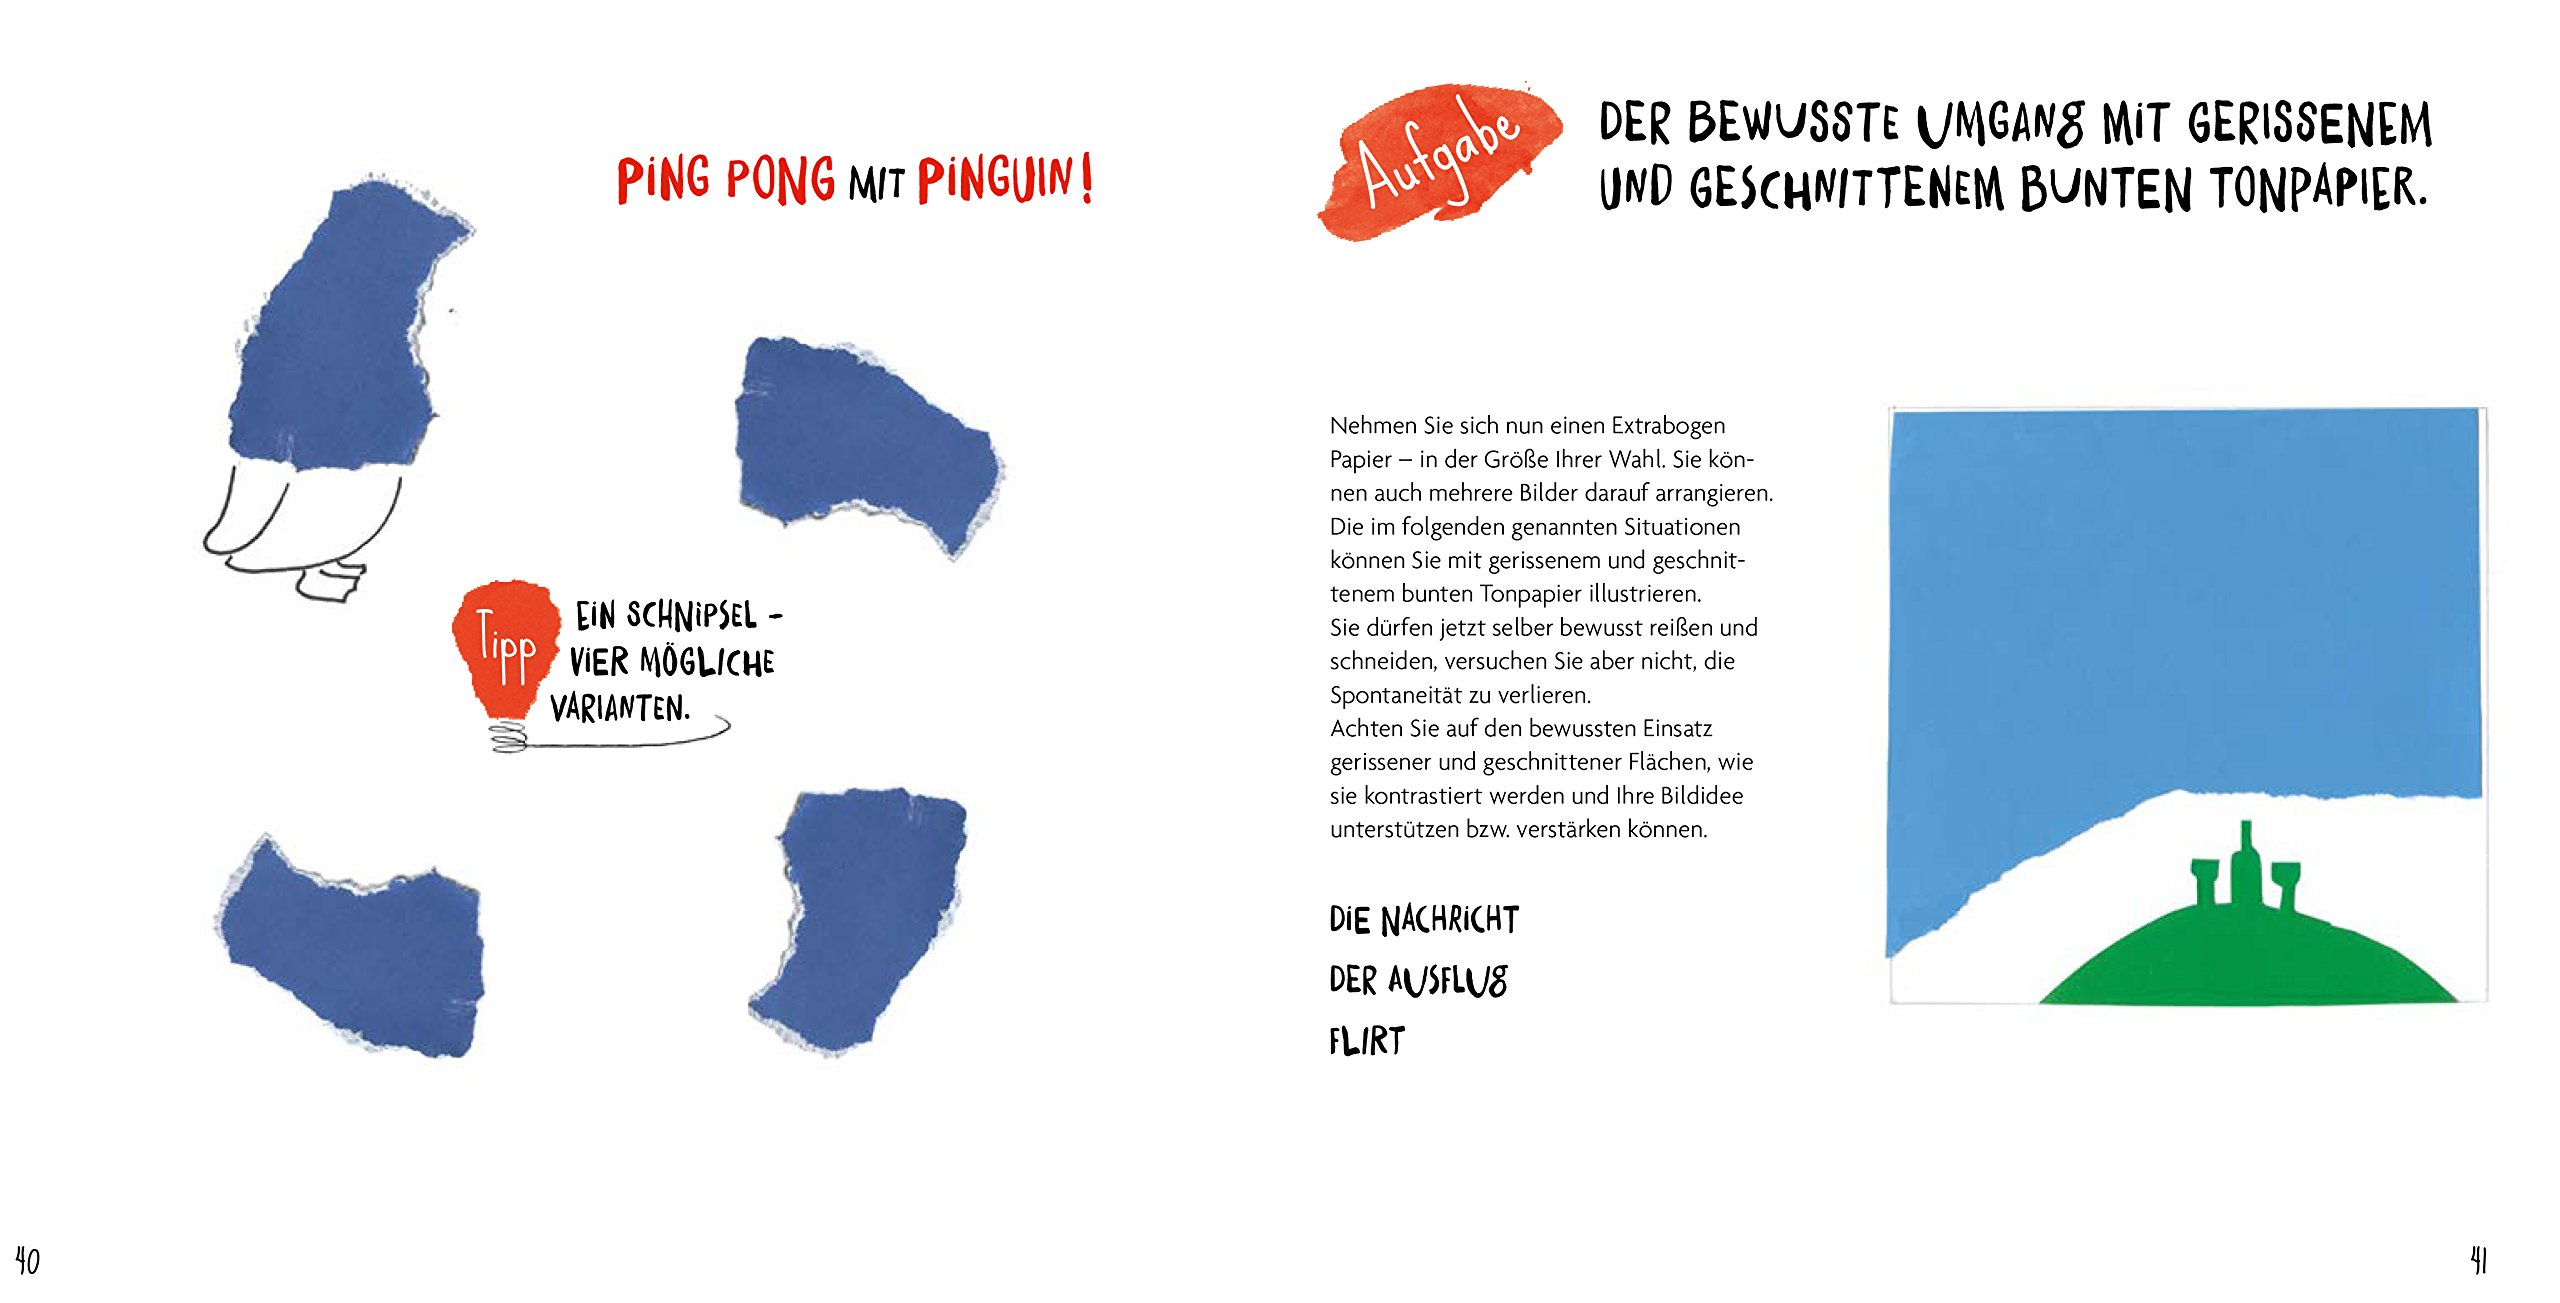 Gemütlich Zeichnen Sie Schematisch Zeitgenössisch - Schaltplan Serie ...